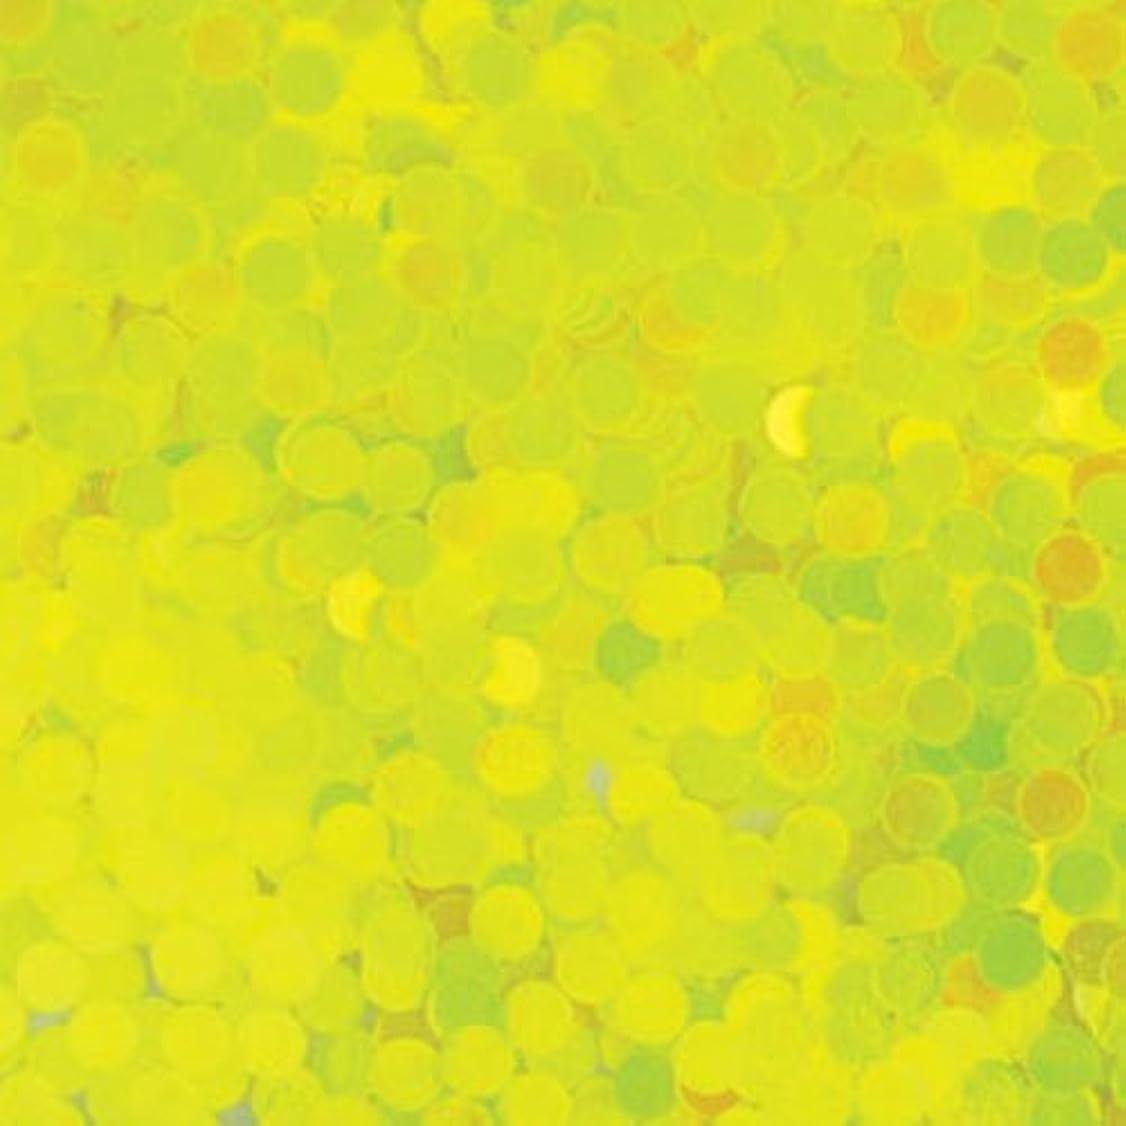 昆虫を見るに向けて出発忘れるピカエース ネイル用パウダー 丸蛍光 2mm #446 レモン 0.5g